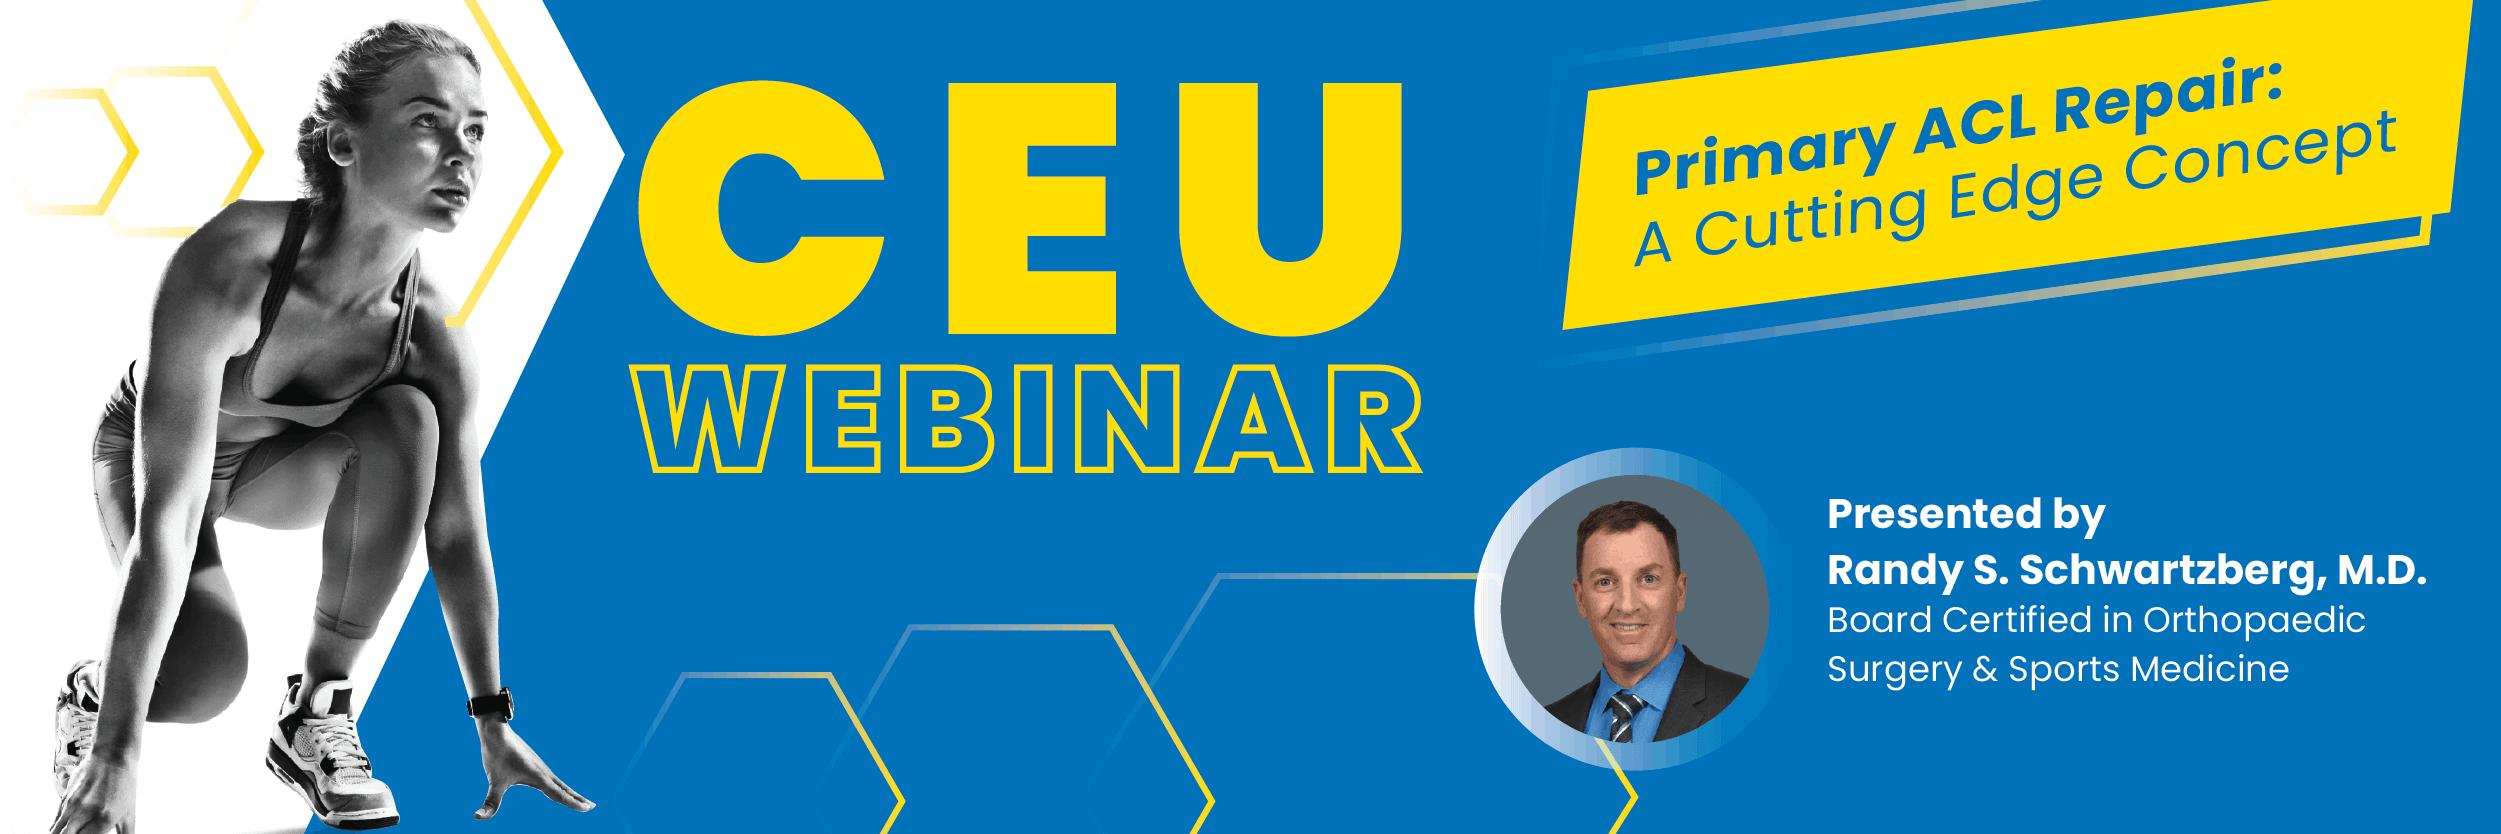 CEU Webinar - Primary ACL Repair: A Cutting Edge Concept